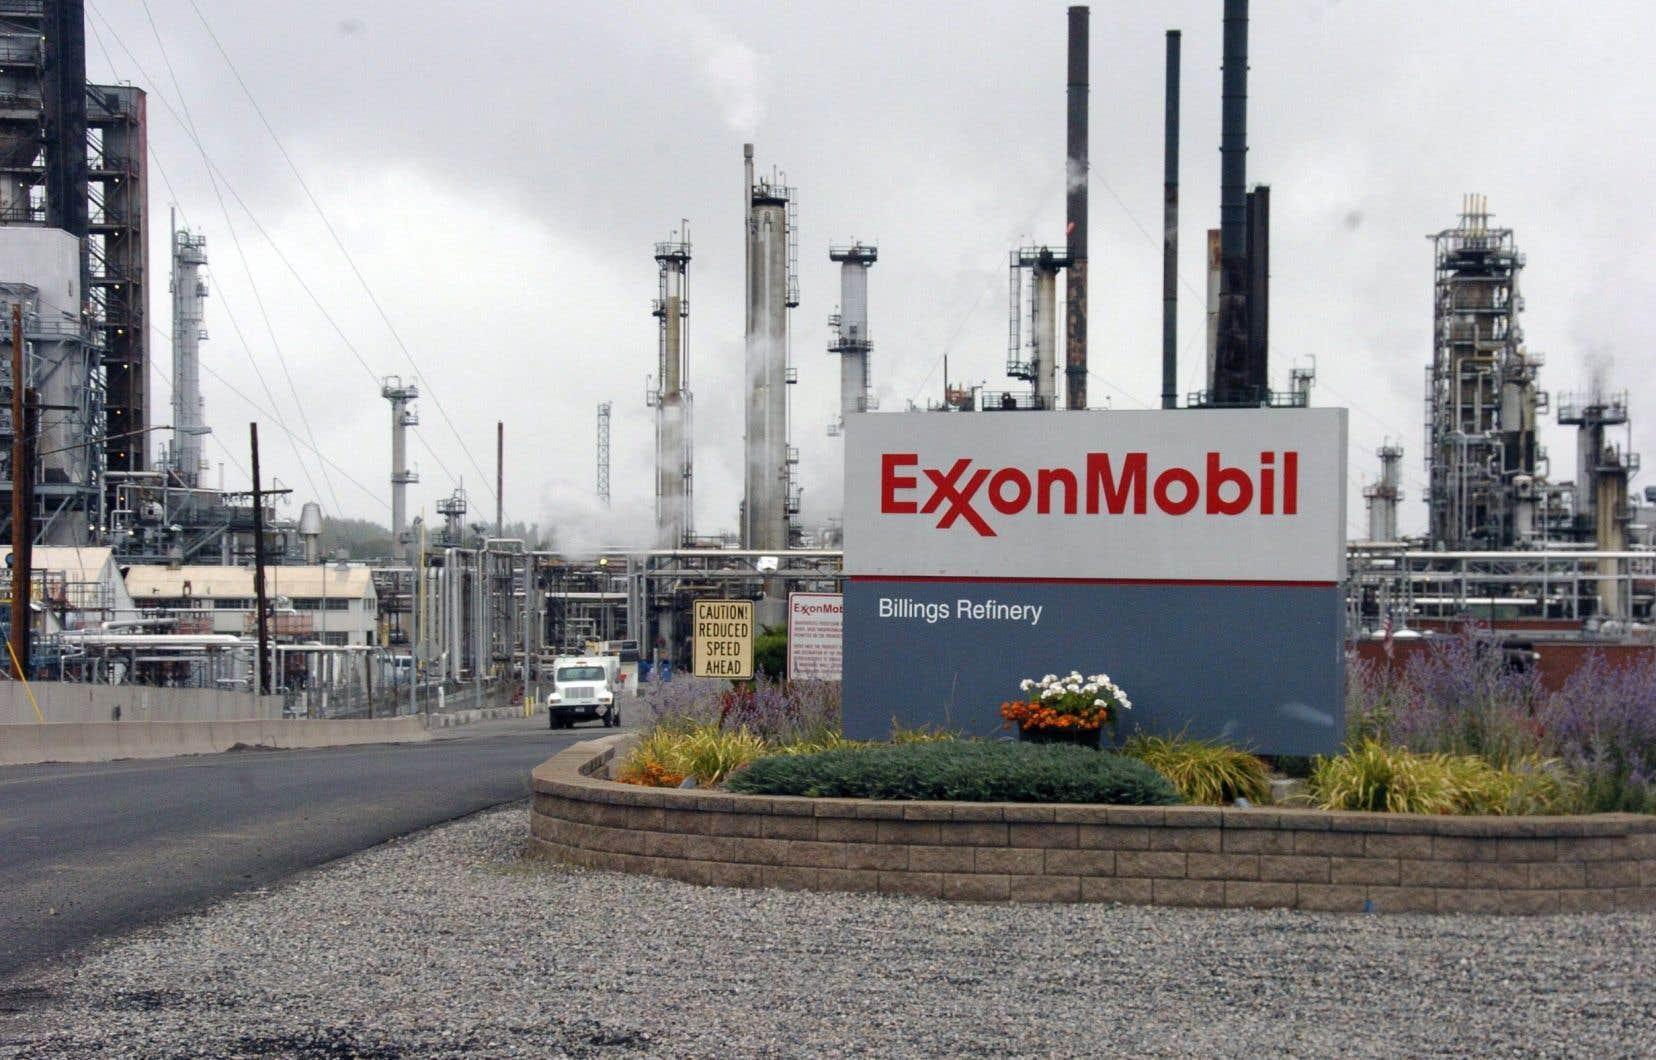 Les actionnaires d'ExxonMobilont voté en faveur d'une résolution, présentée par BNP Paribas, obligeant l'entreprise à faire un rapport expliquant si ses activités de lobbying sont bien alignées aux objectifs de l'Accord de Paris sur le climat, signé en 2015.